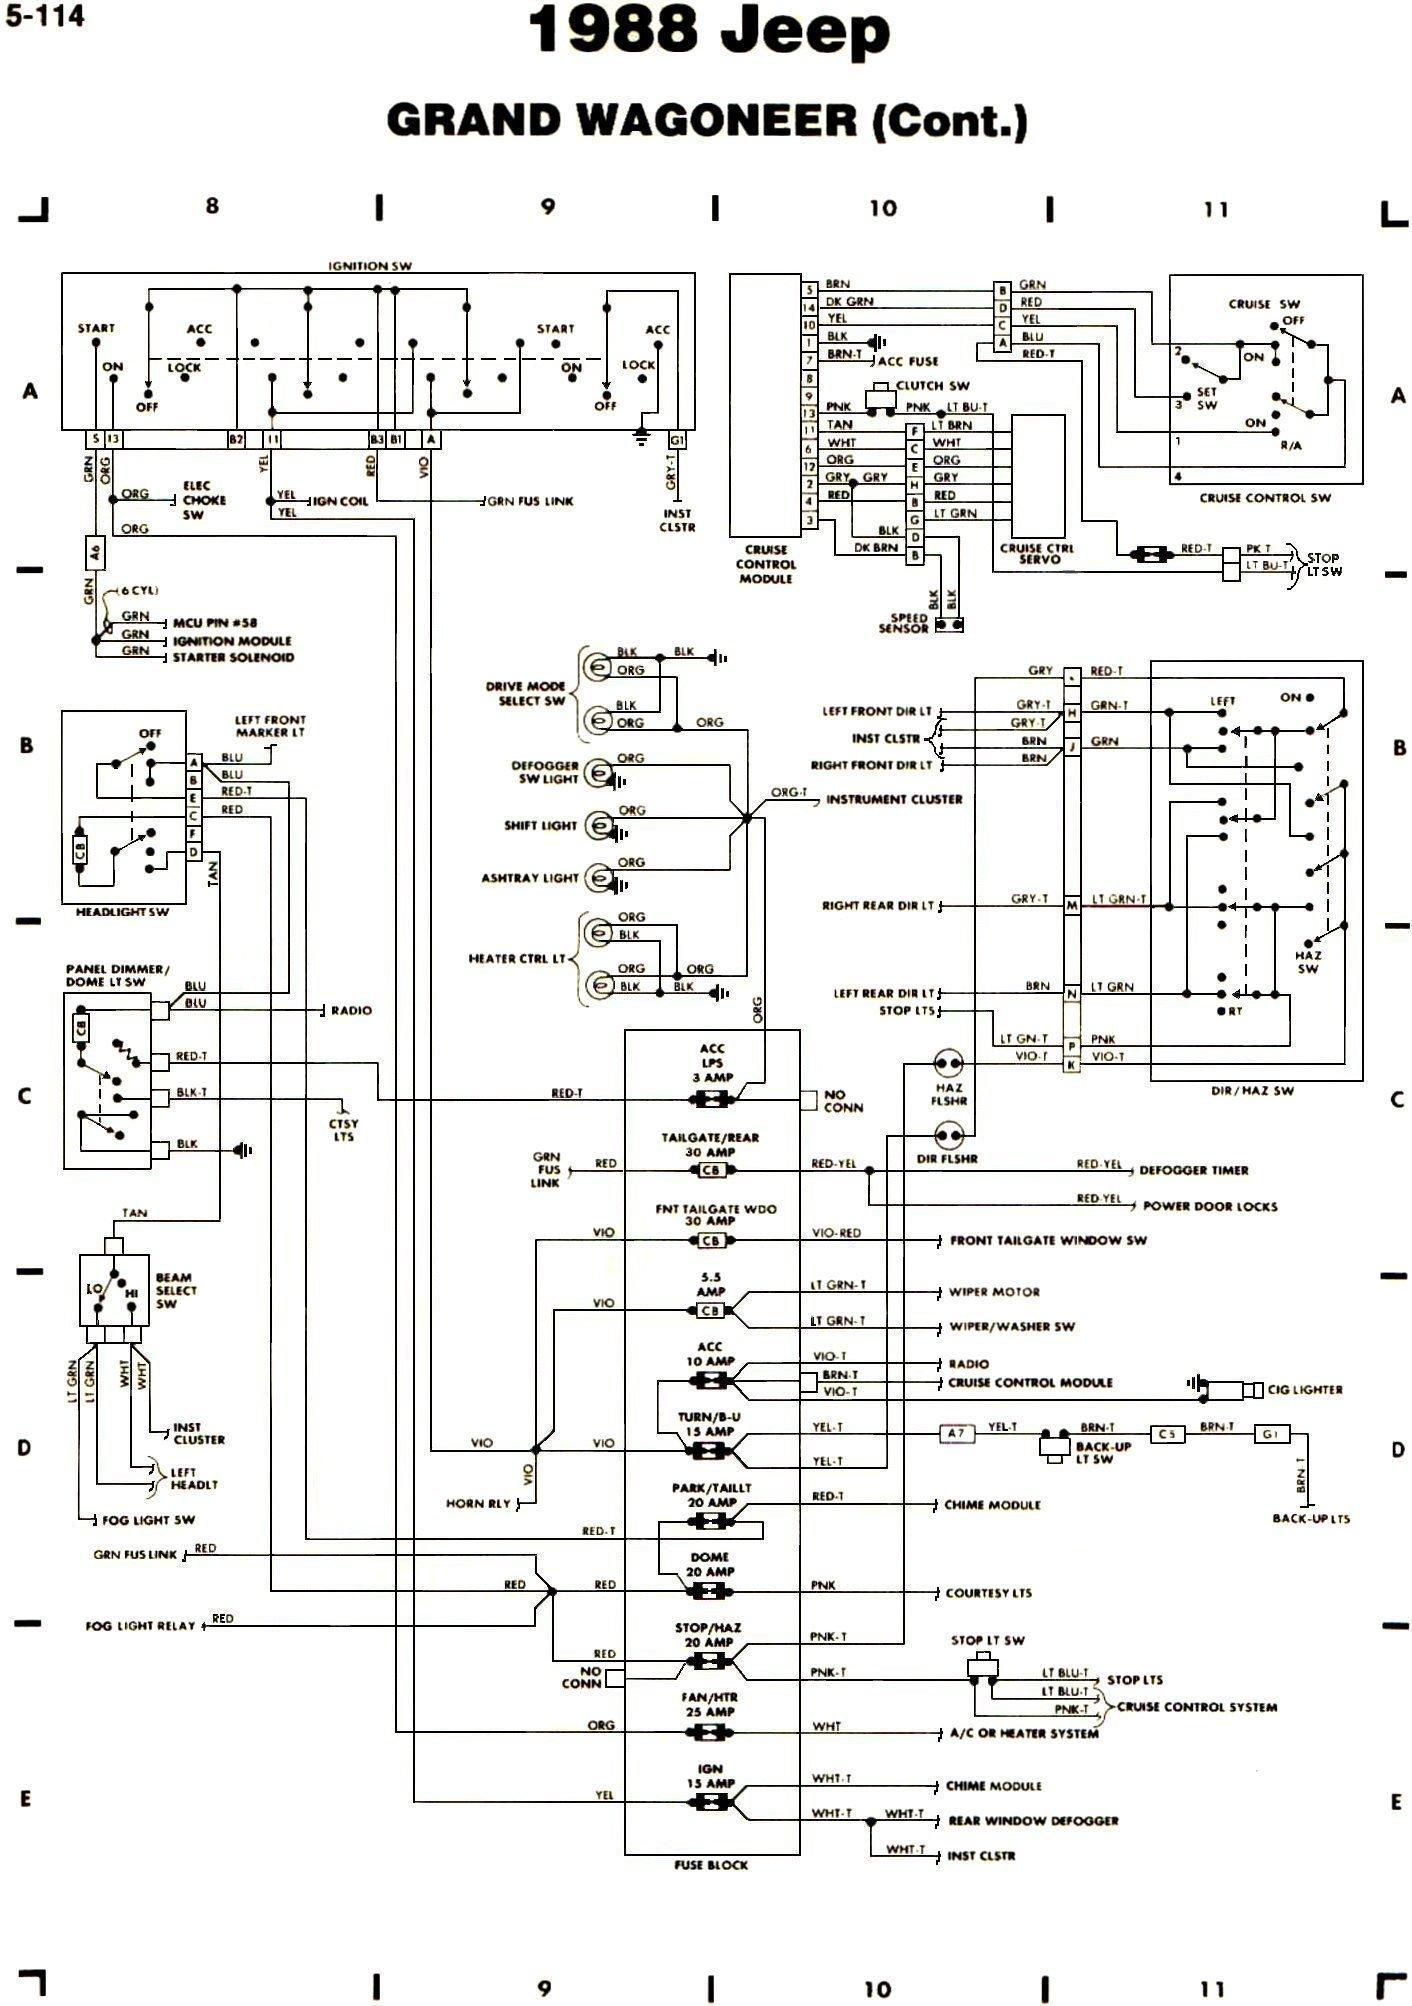 Freightliner Wiring Diagrams | Wiring Diagram on 2000 mitsubishi fuso wiring diagram, 1999 mitsubishi diamante wiring diagram, 1999 mitsubishi fuso headlight, 1999 mitsubishi eclipse wiring diagram, 1989 mitsubishi fuso wiring diagram, 1999 mitsubishi fuso engine, 1999 mitsubishi fuso rear axle diagram, 2001 mitsubishi fuso wiring diagram, 1999 mitsubishi montero wiring diagram,